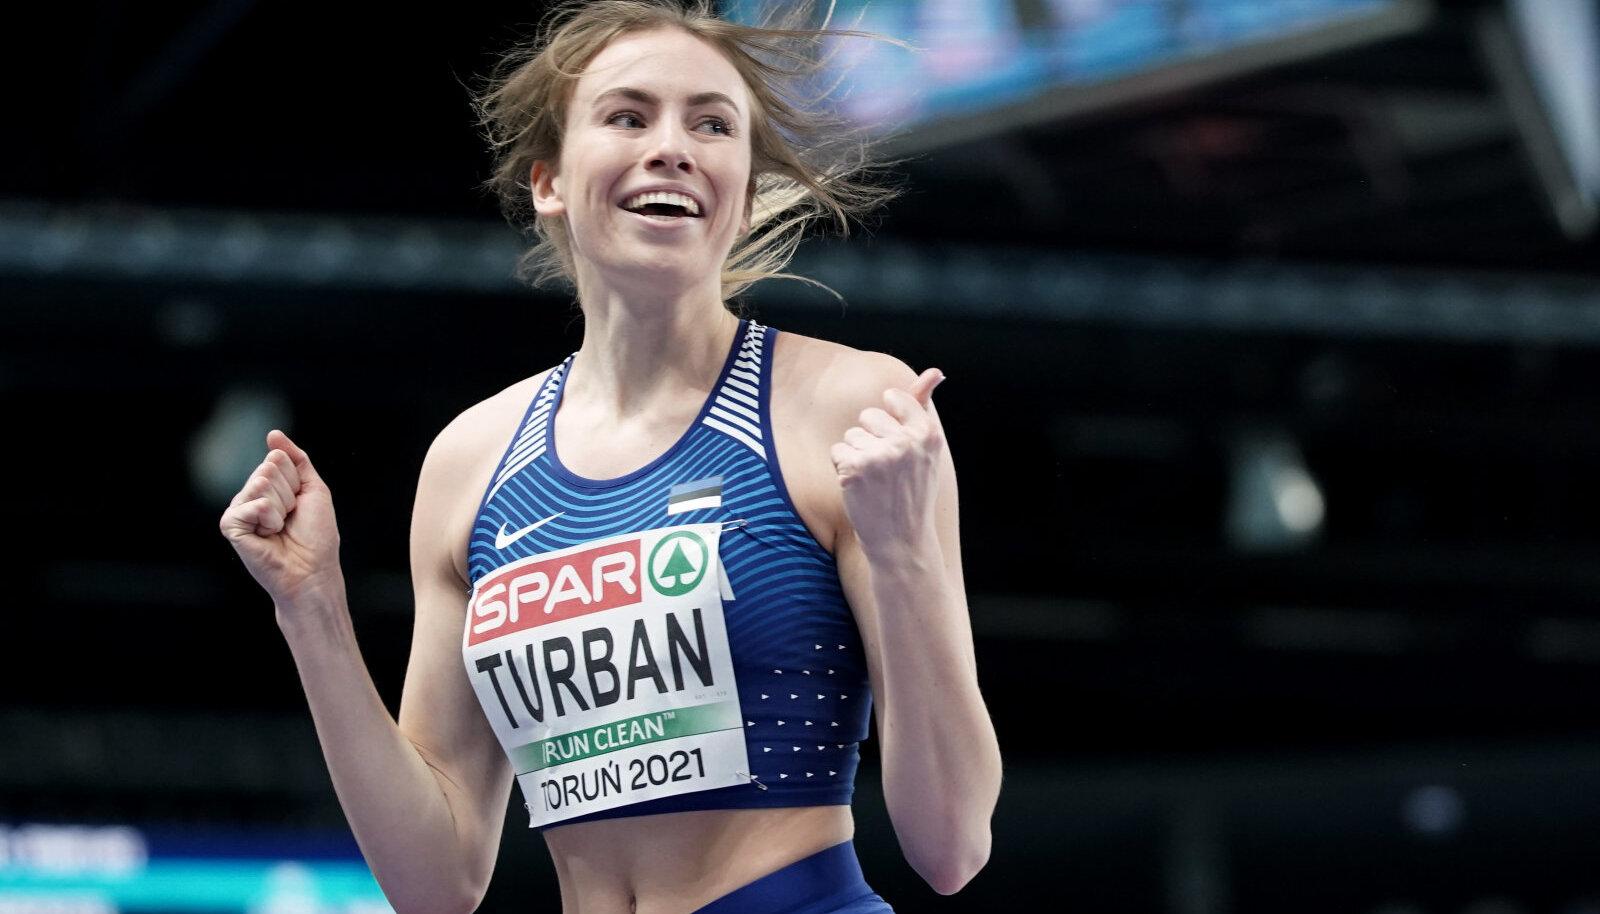 Lilian Turbani esimene tiitlivõistlus õnnestus suurepäraselt.